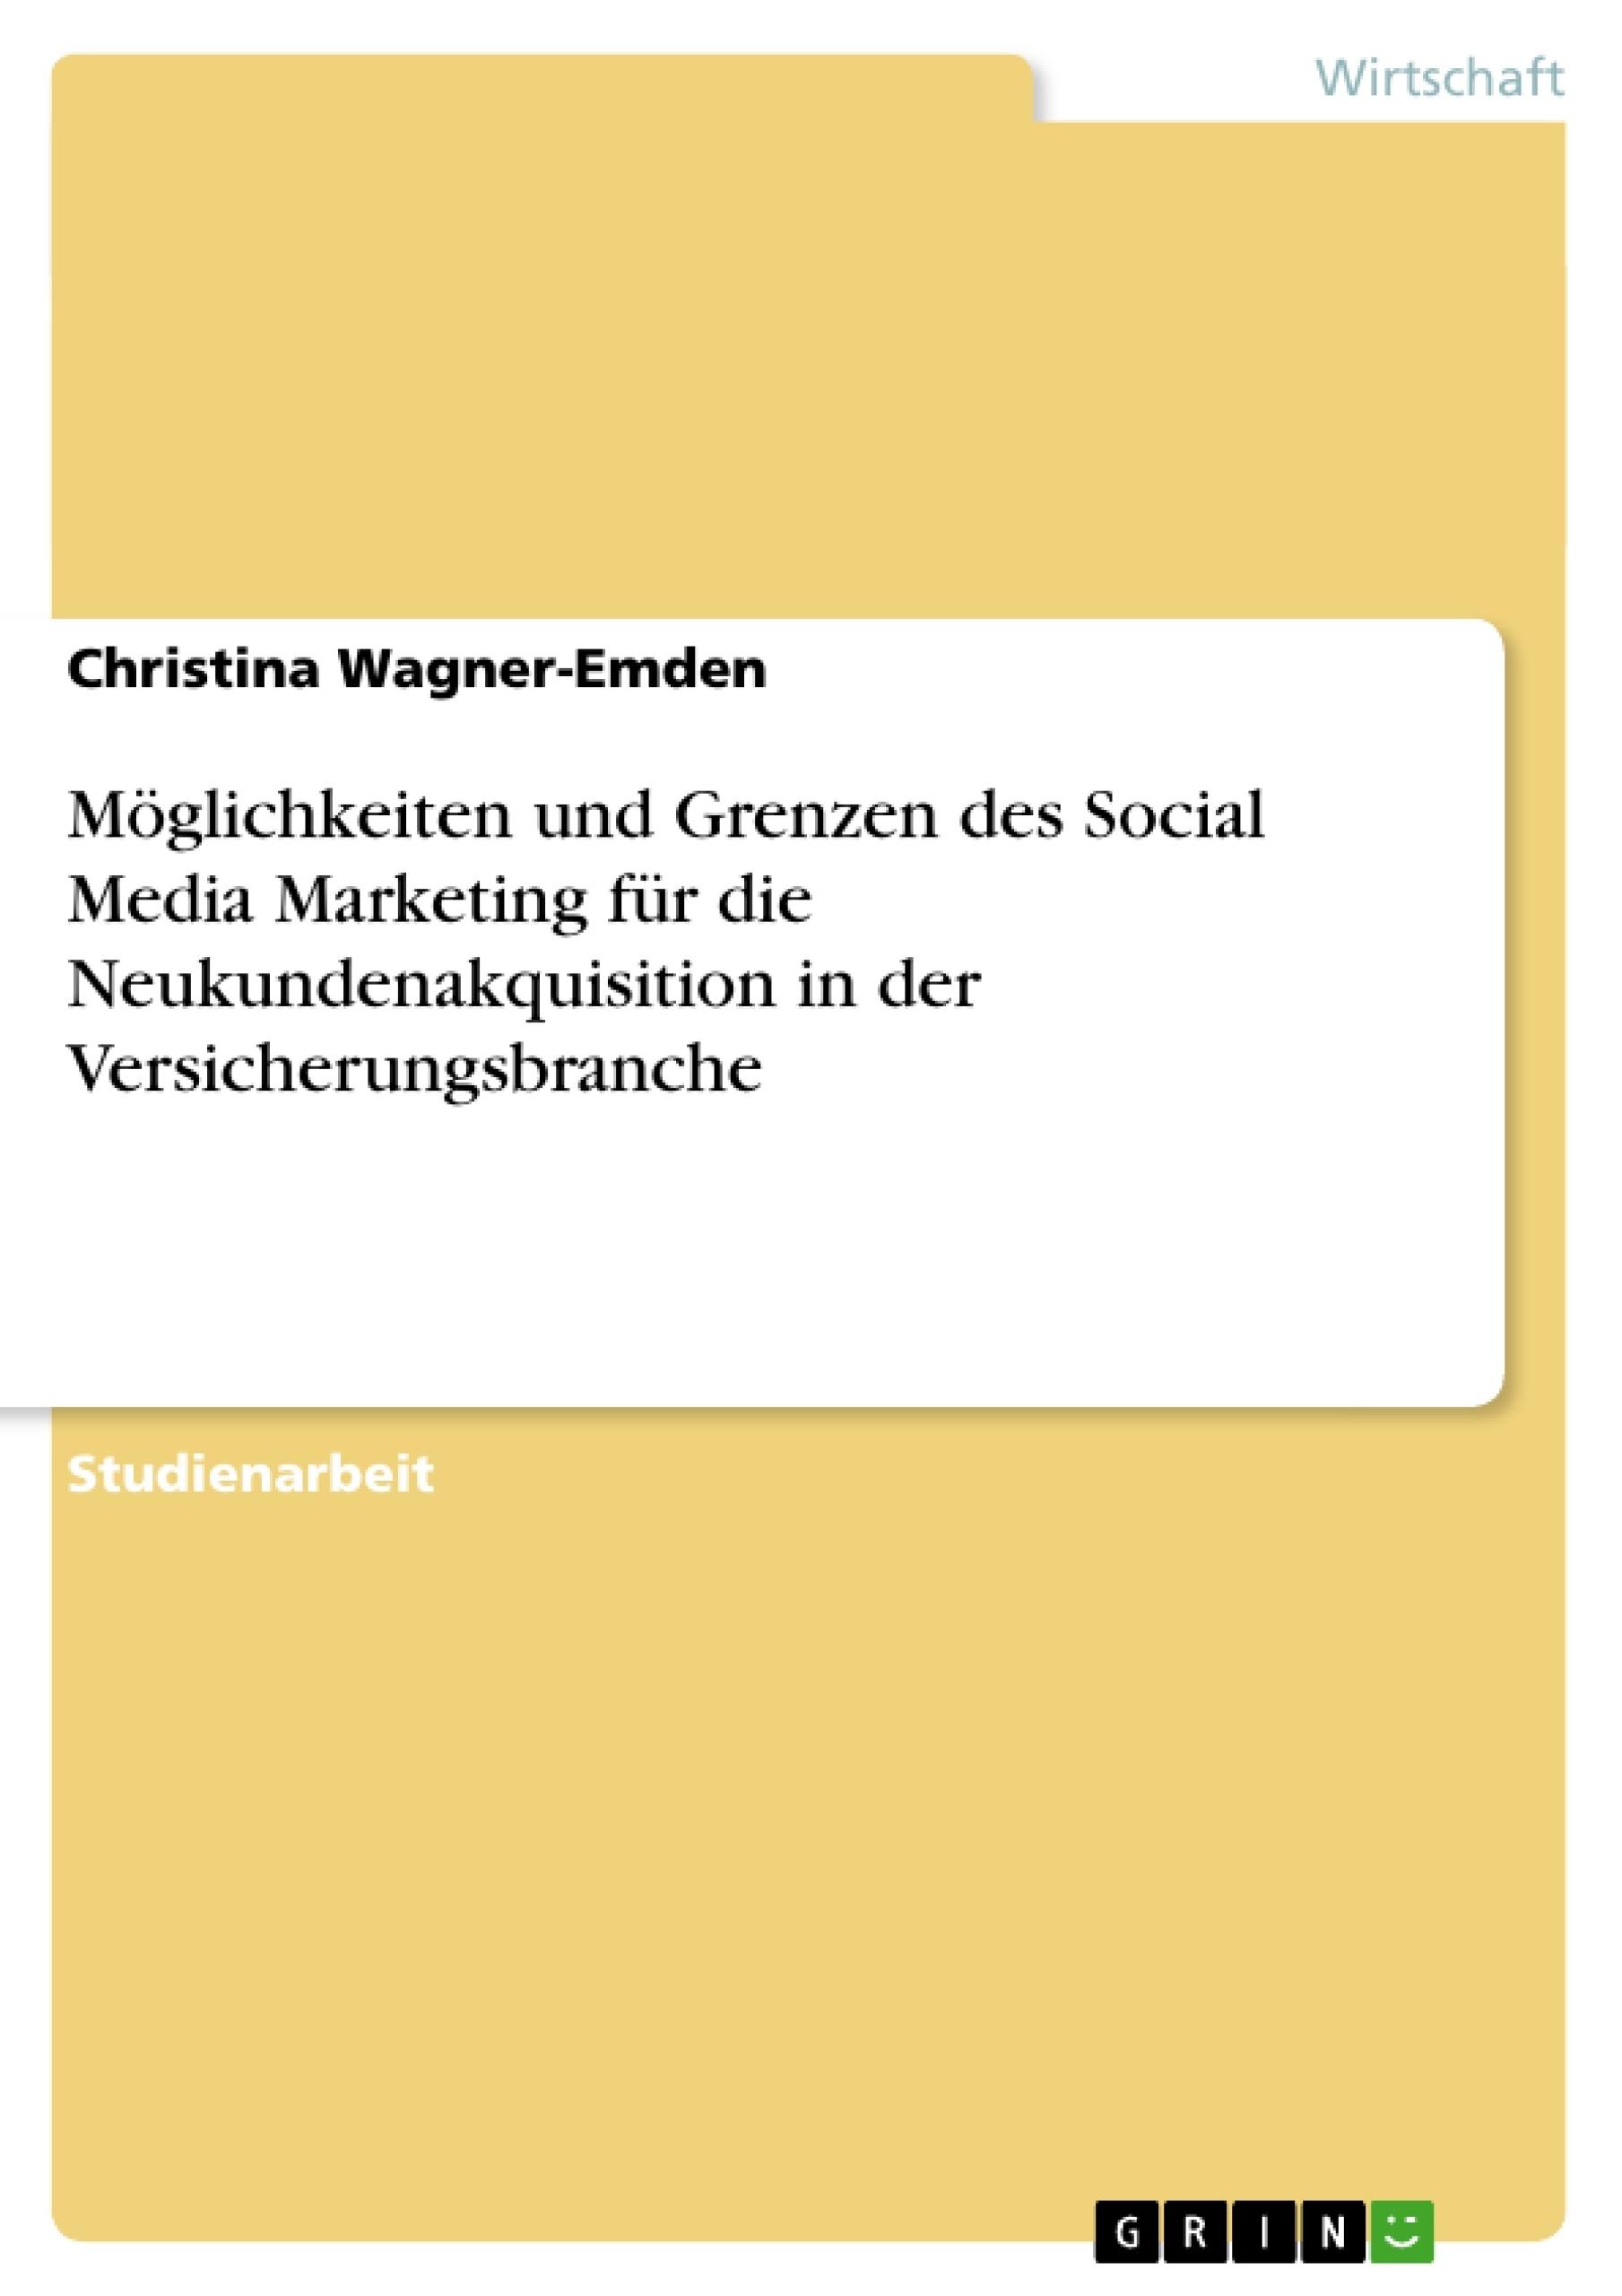 Titel: Möglichkeiten und Grenzen des Social Media Marketing für die Neukundenakquisition in der Versicherungsbranche